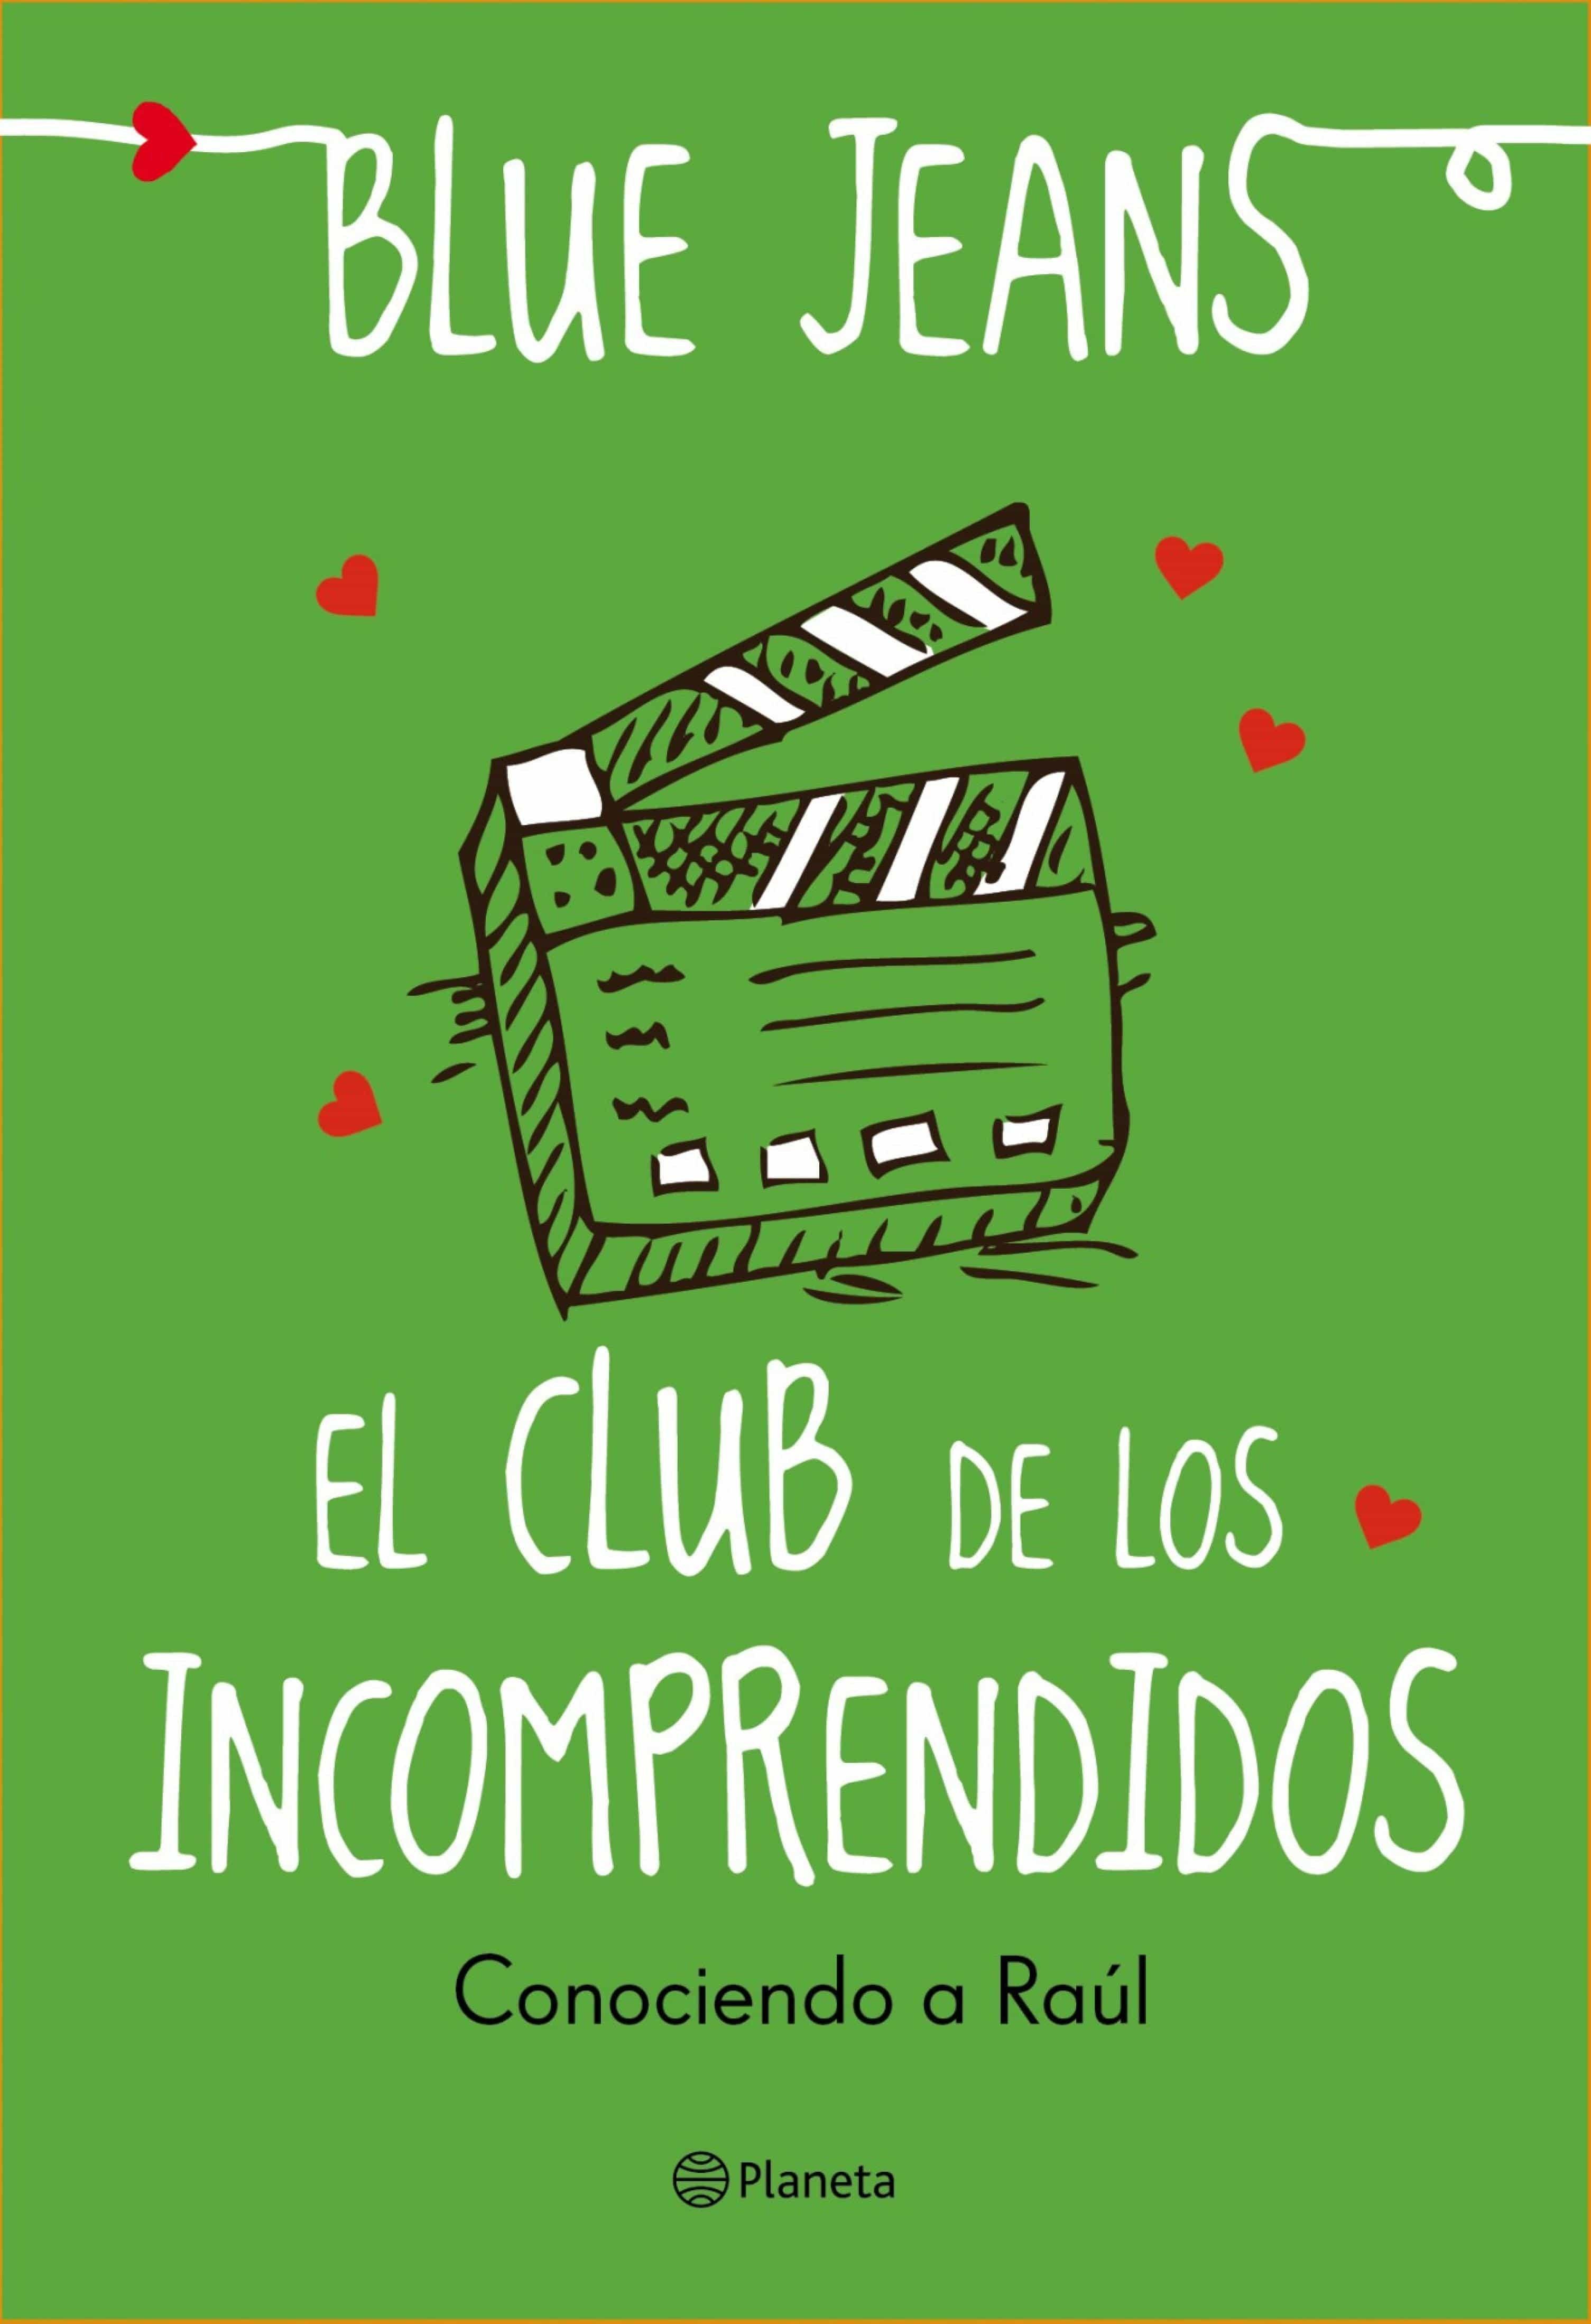 El club de los incomprendidos conociendo a ra l ebook 9788408114840